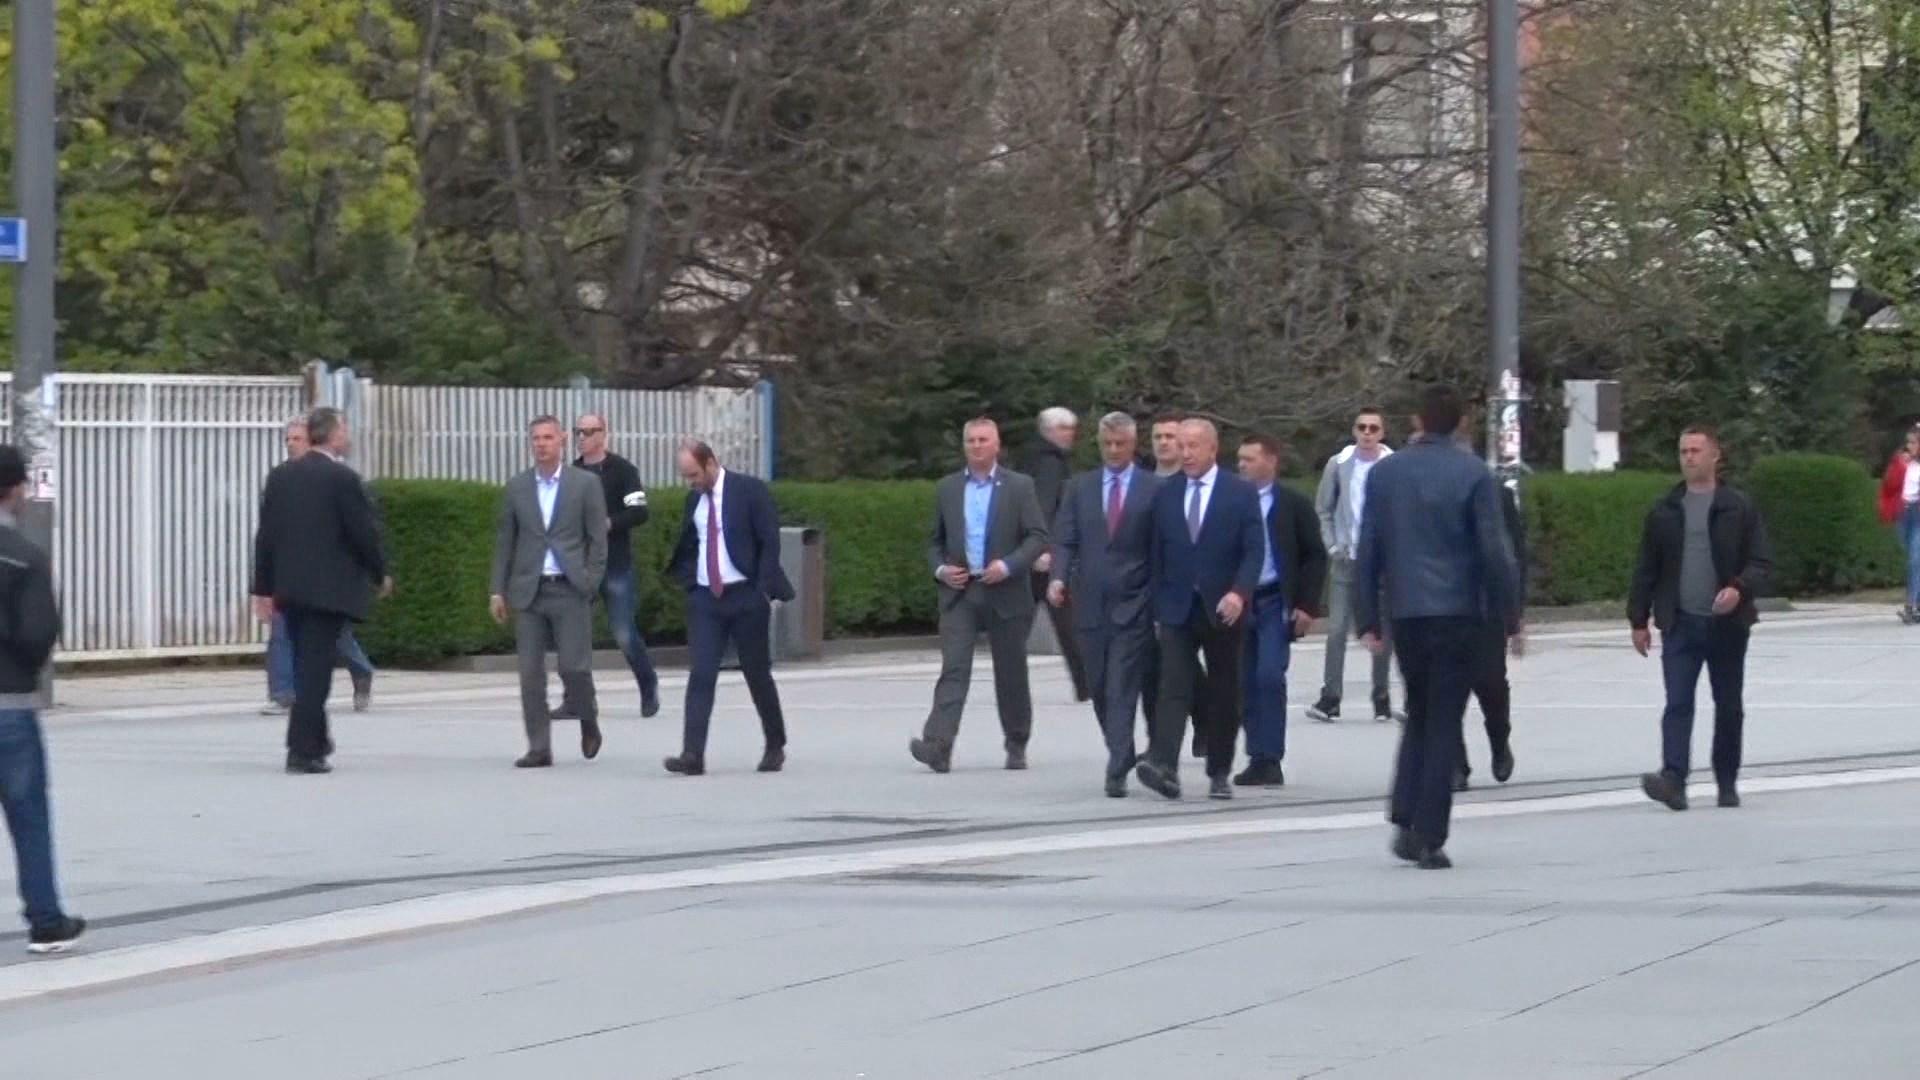 Zgjedhjet në Kosovë, Thaçi mbledh krerët e Sigurisë dhe Drejtësisë